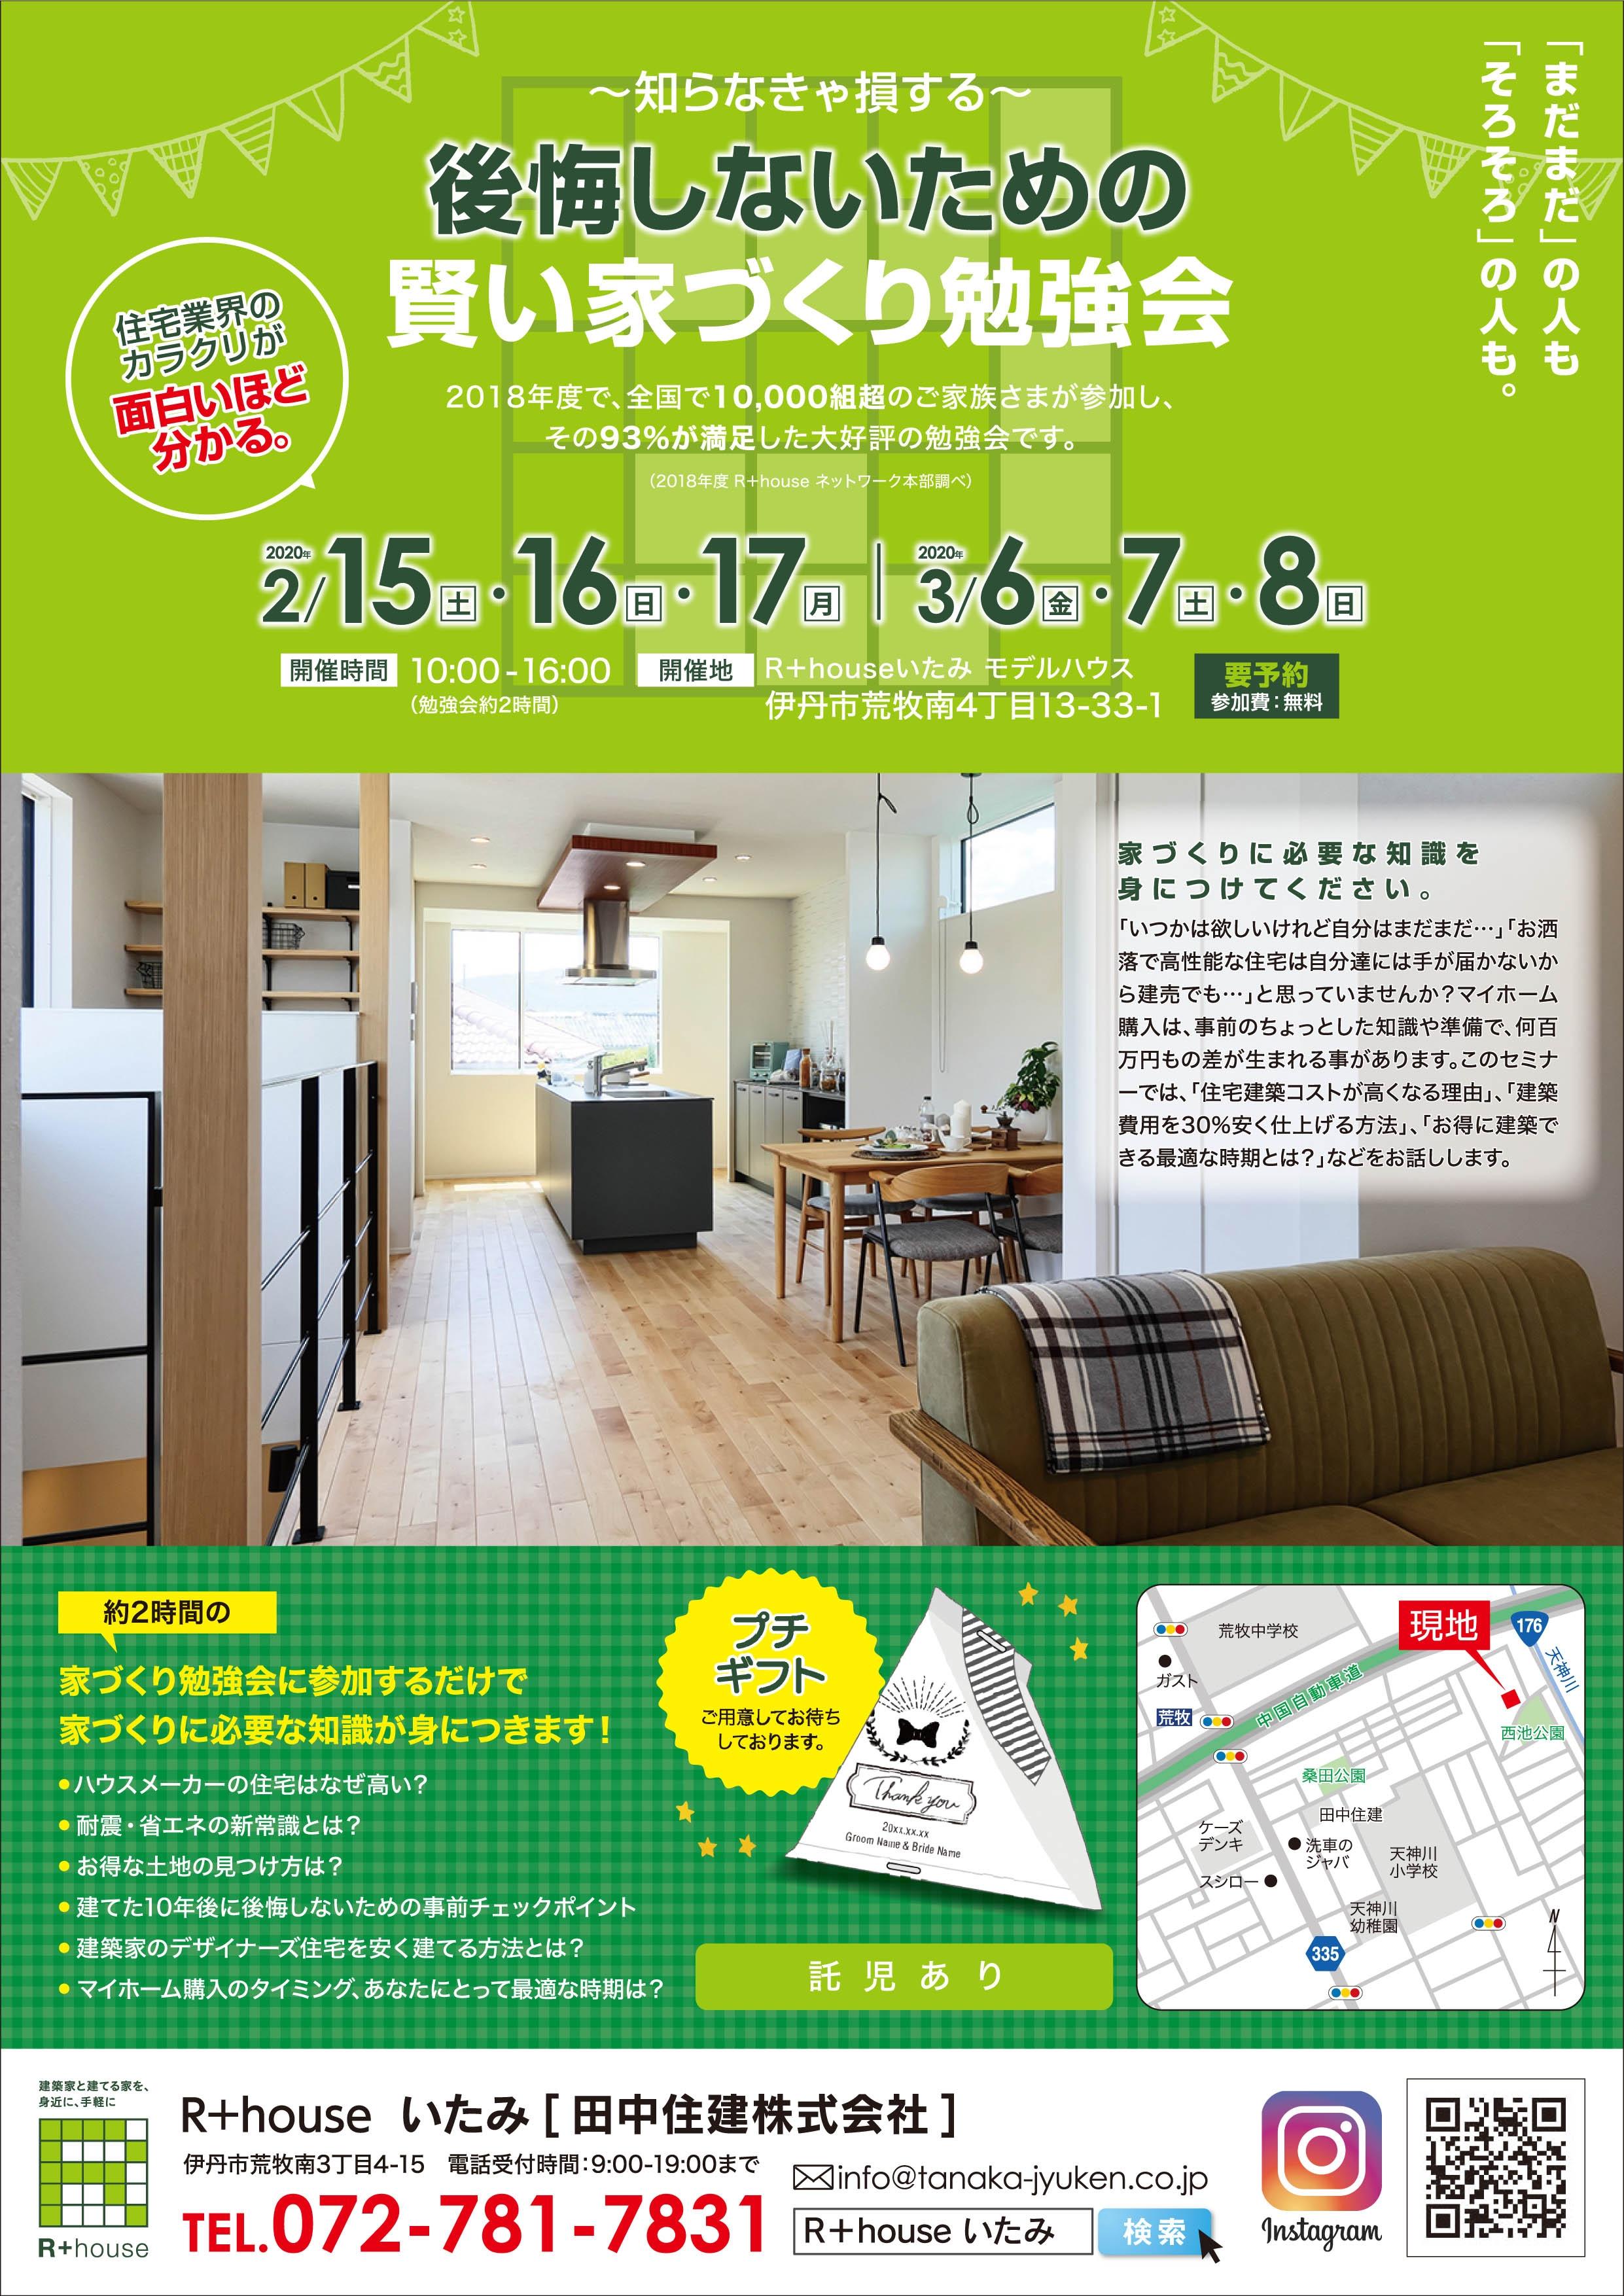 20.1.20_モデルハウス勉強会.jpg